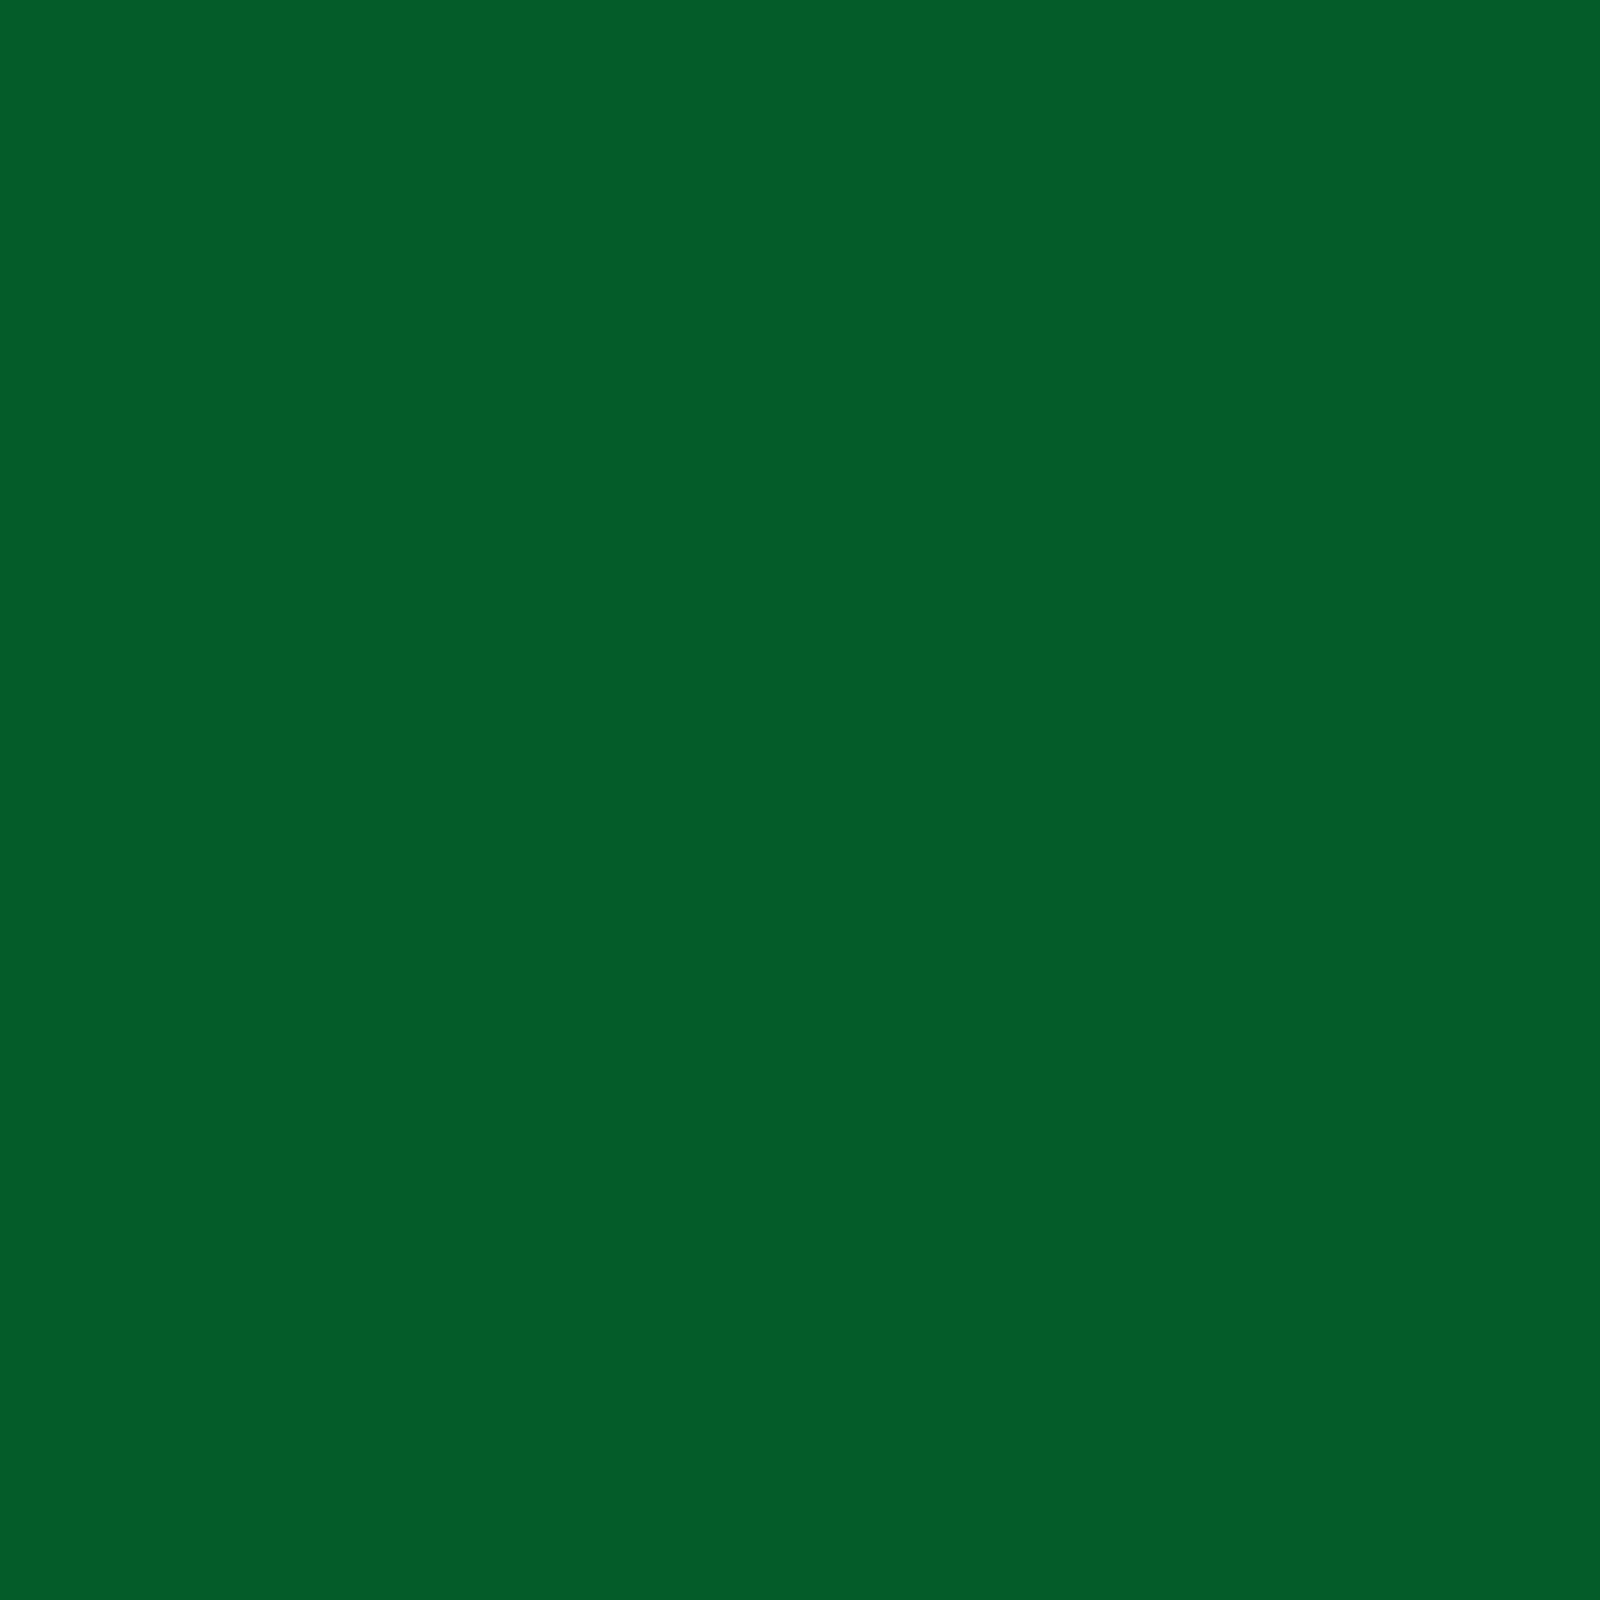 consolan wetterschutzfarbe 2 5 l farbauswahl wetterschutz holzfarbe deckfarbe ebay. Black Bedroom Furniture Sets. Home Design Ideas